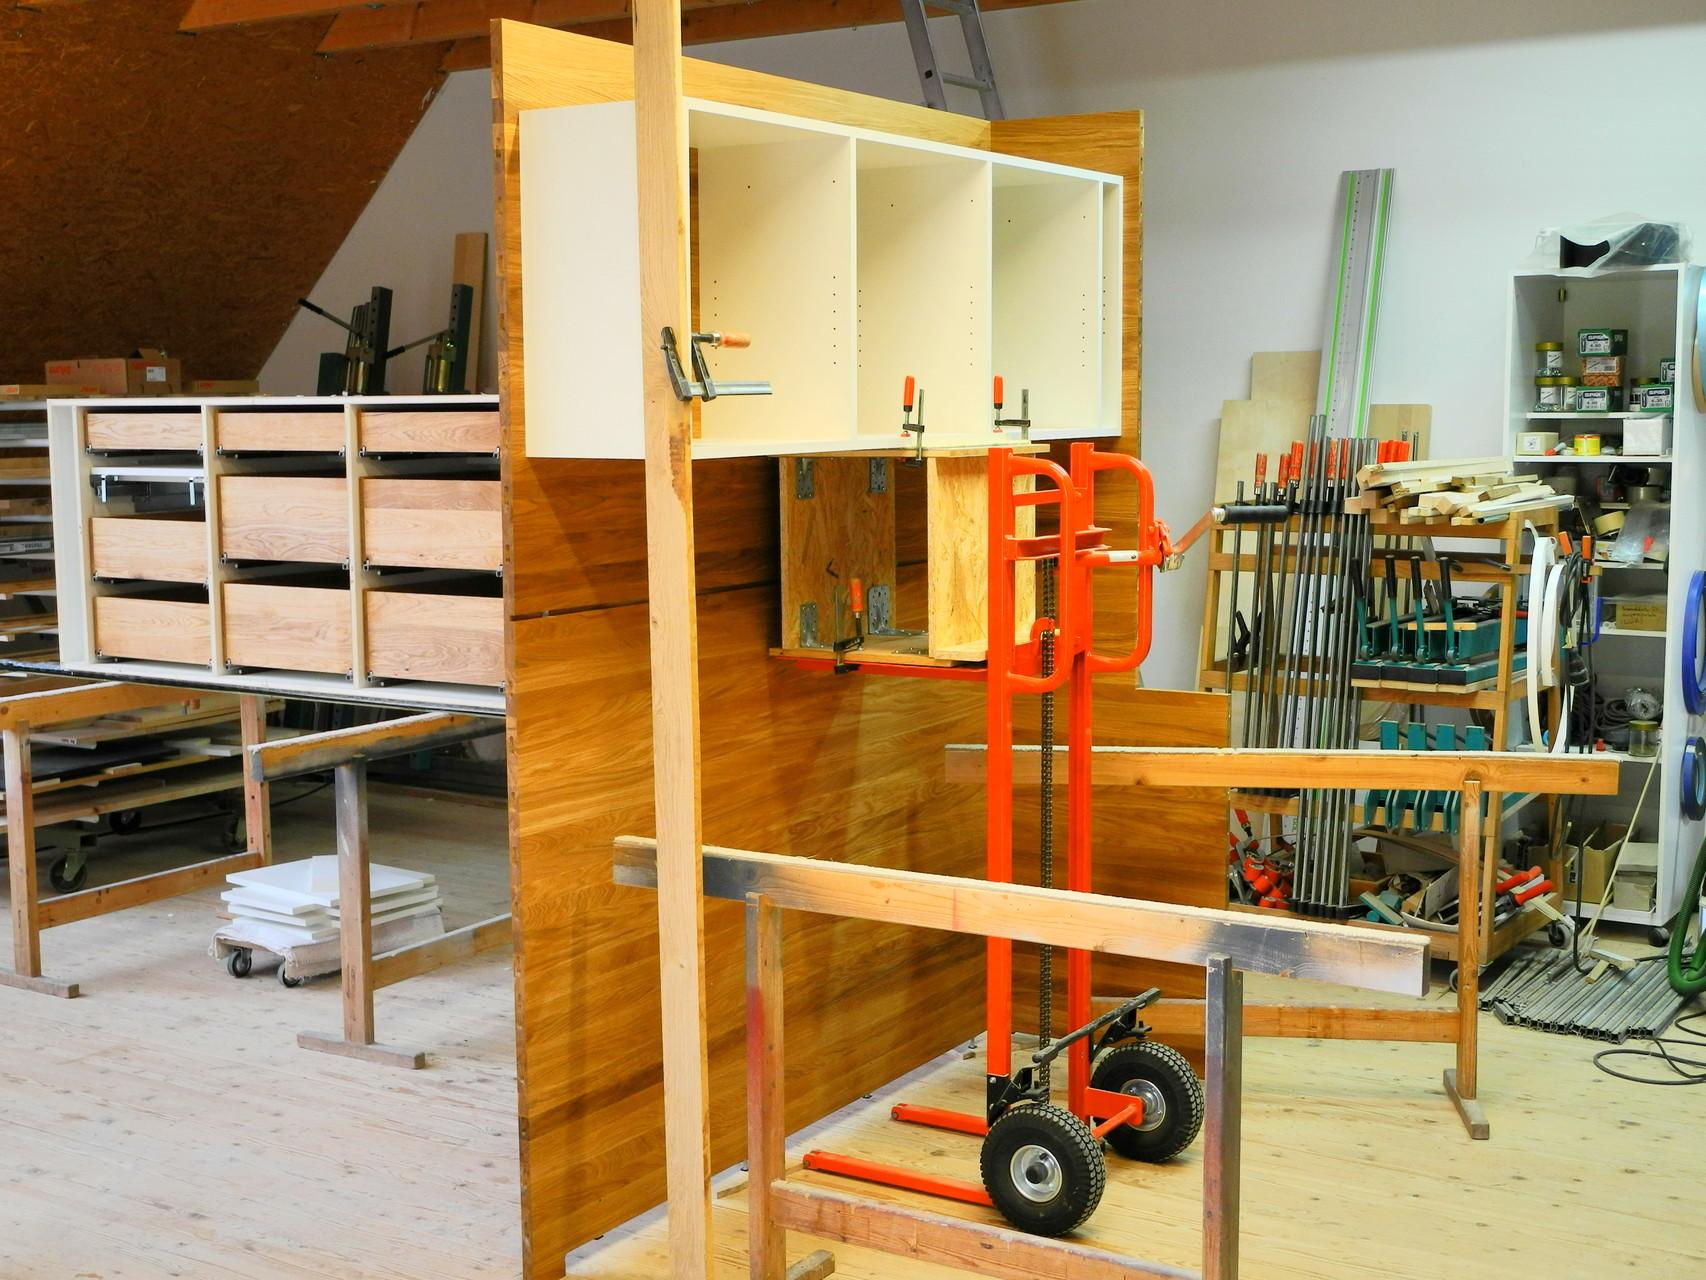 Probeaufbau in der Werkstatt, Hängeschrank an Massivholzrückwand